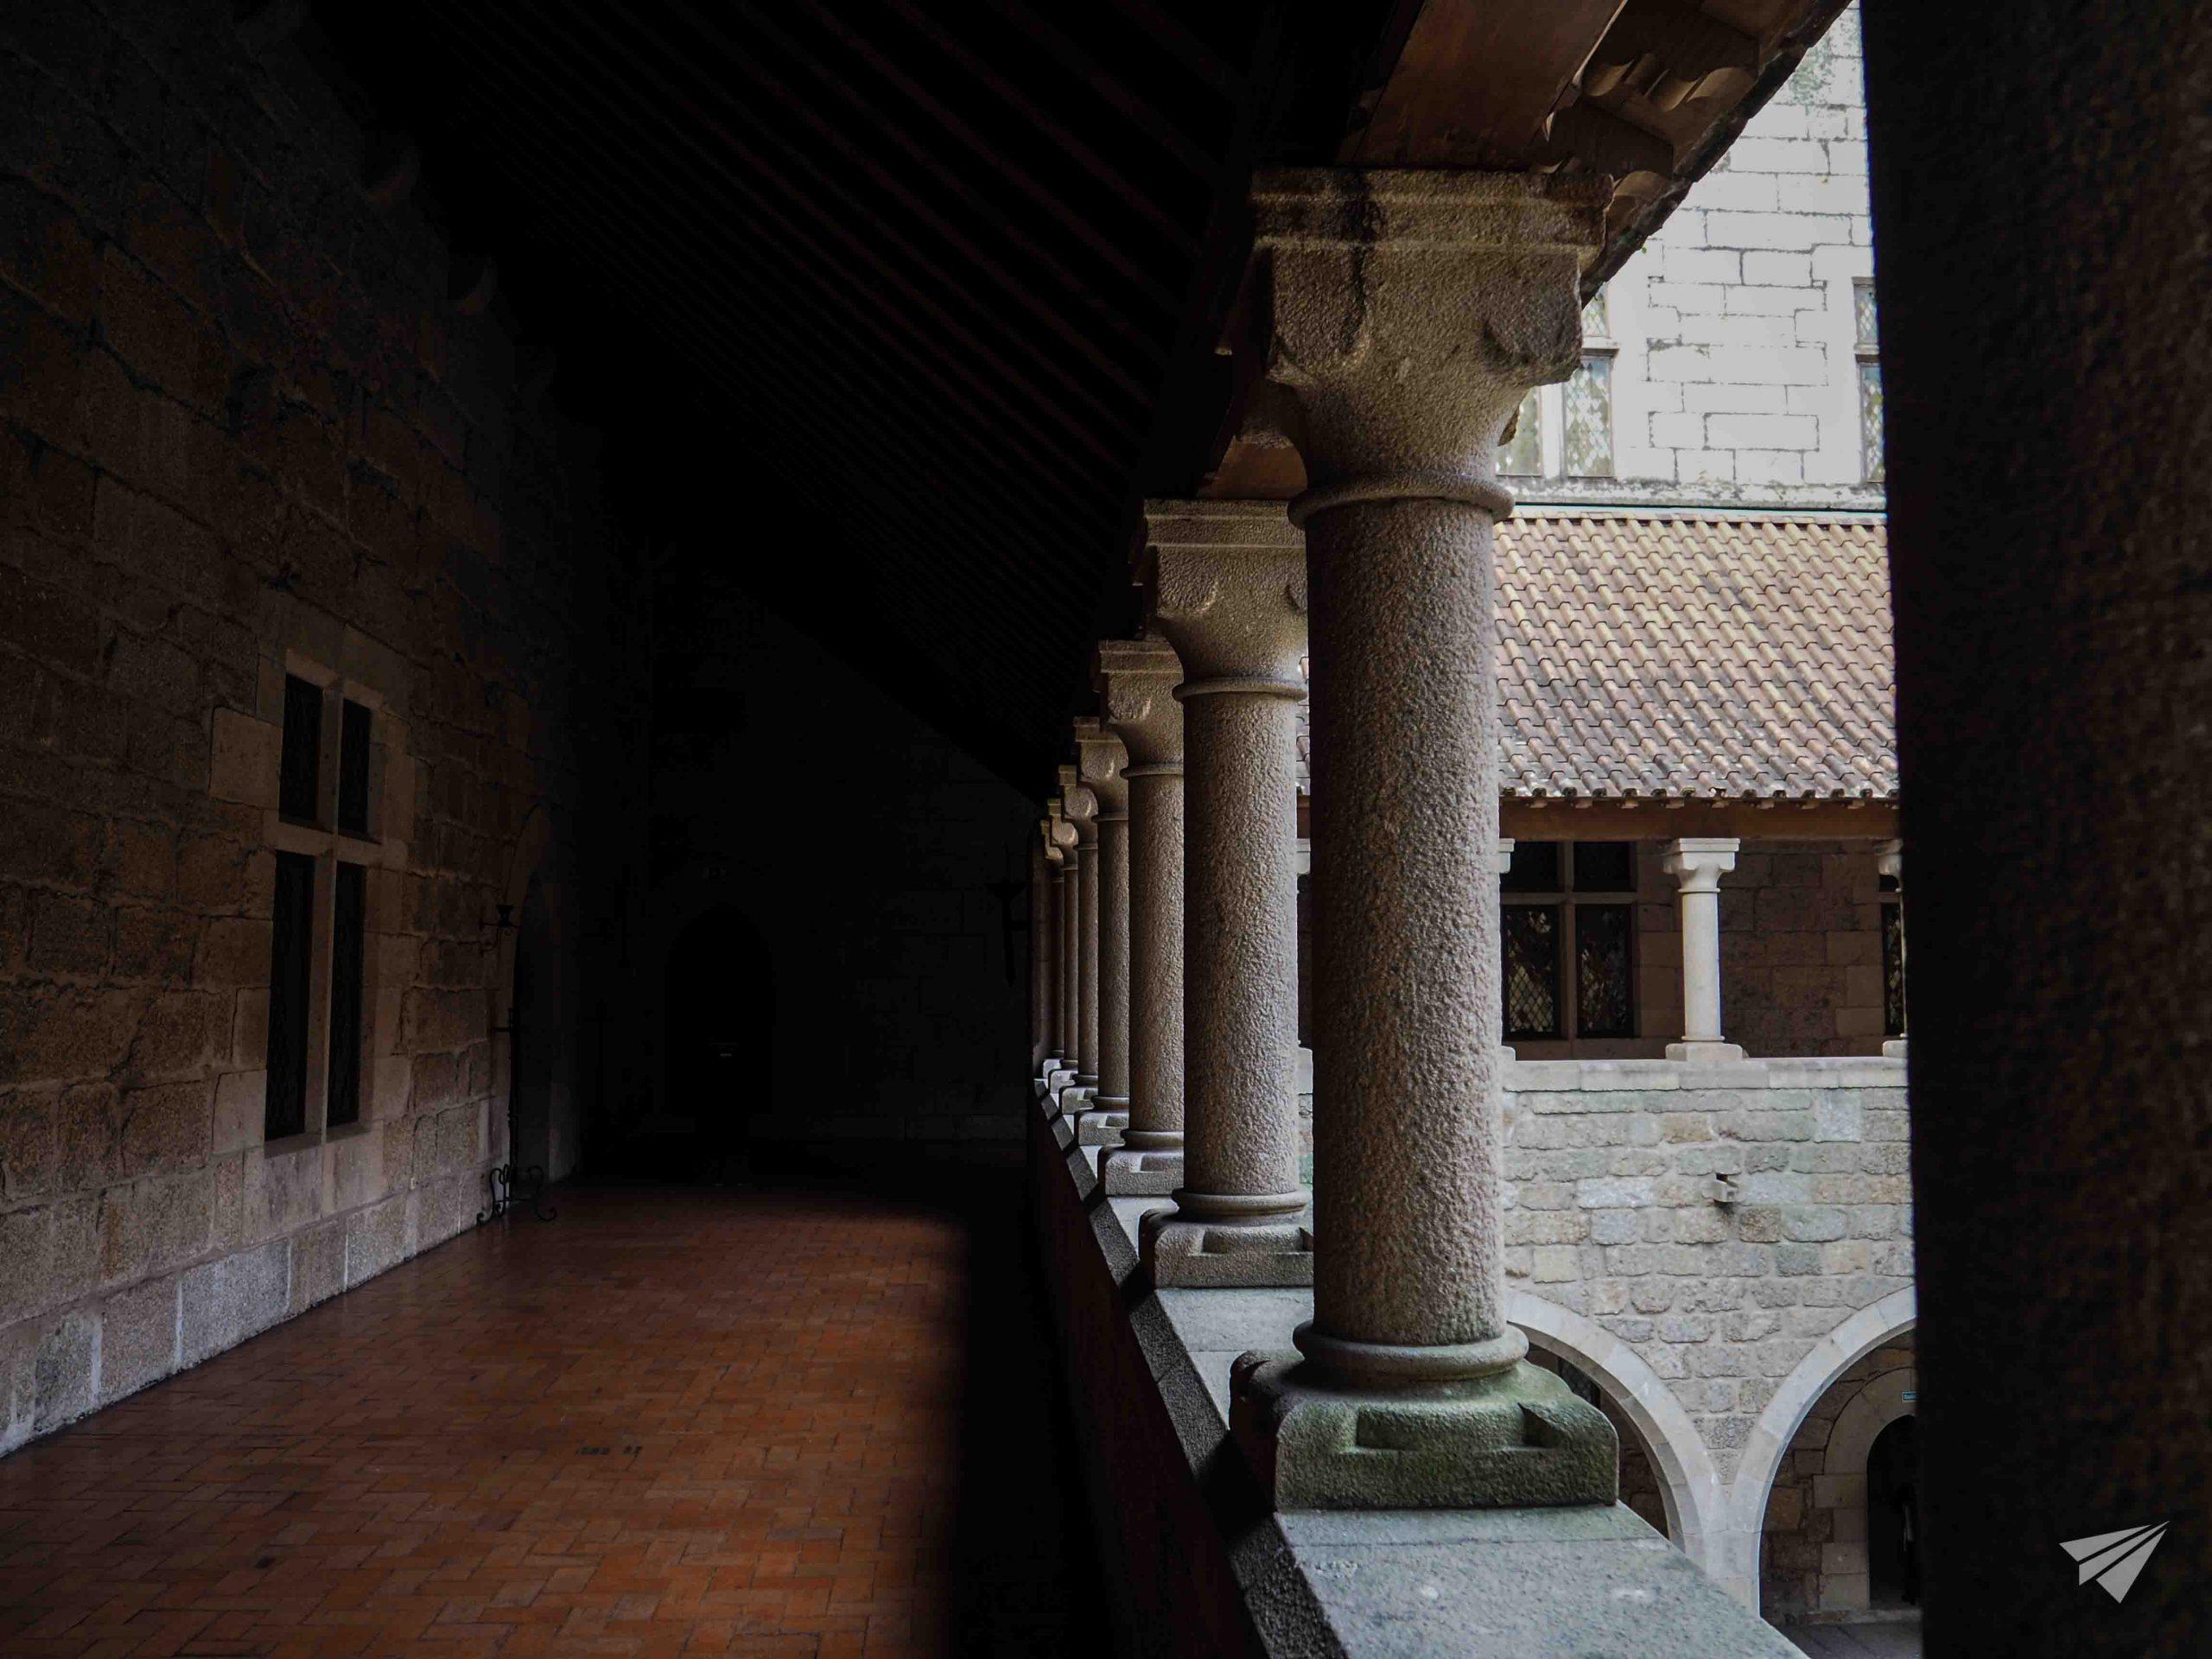 Коридори на дворецът на херцозите на Браганса